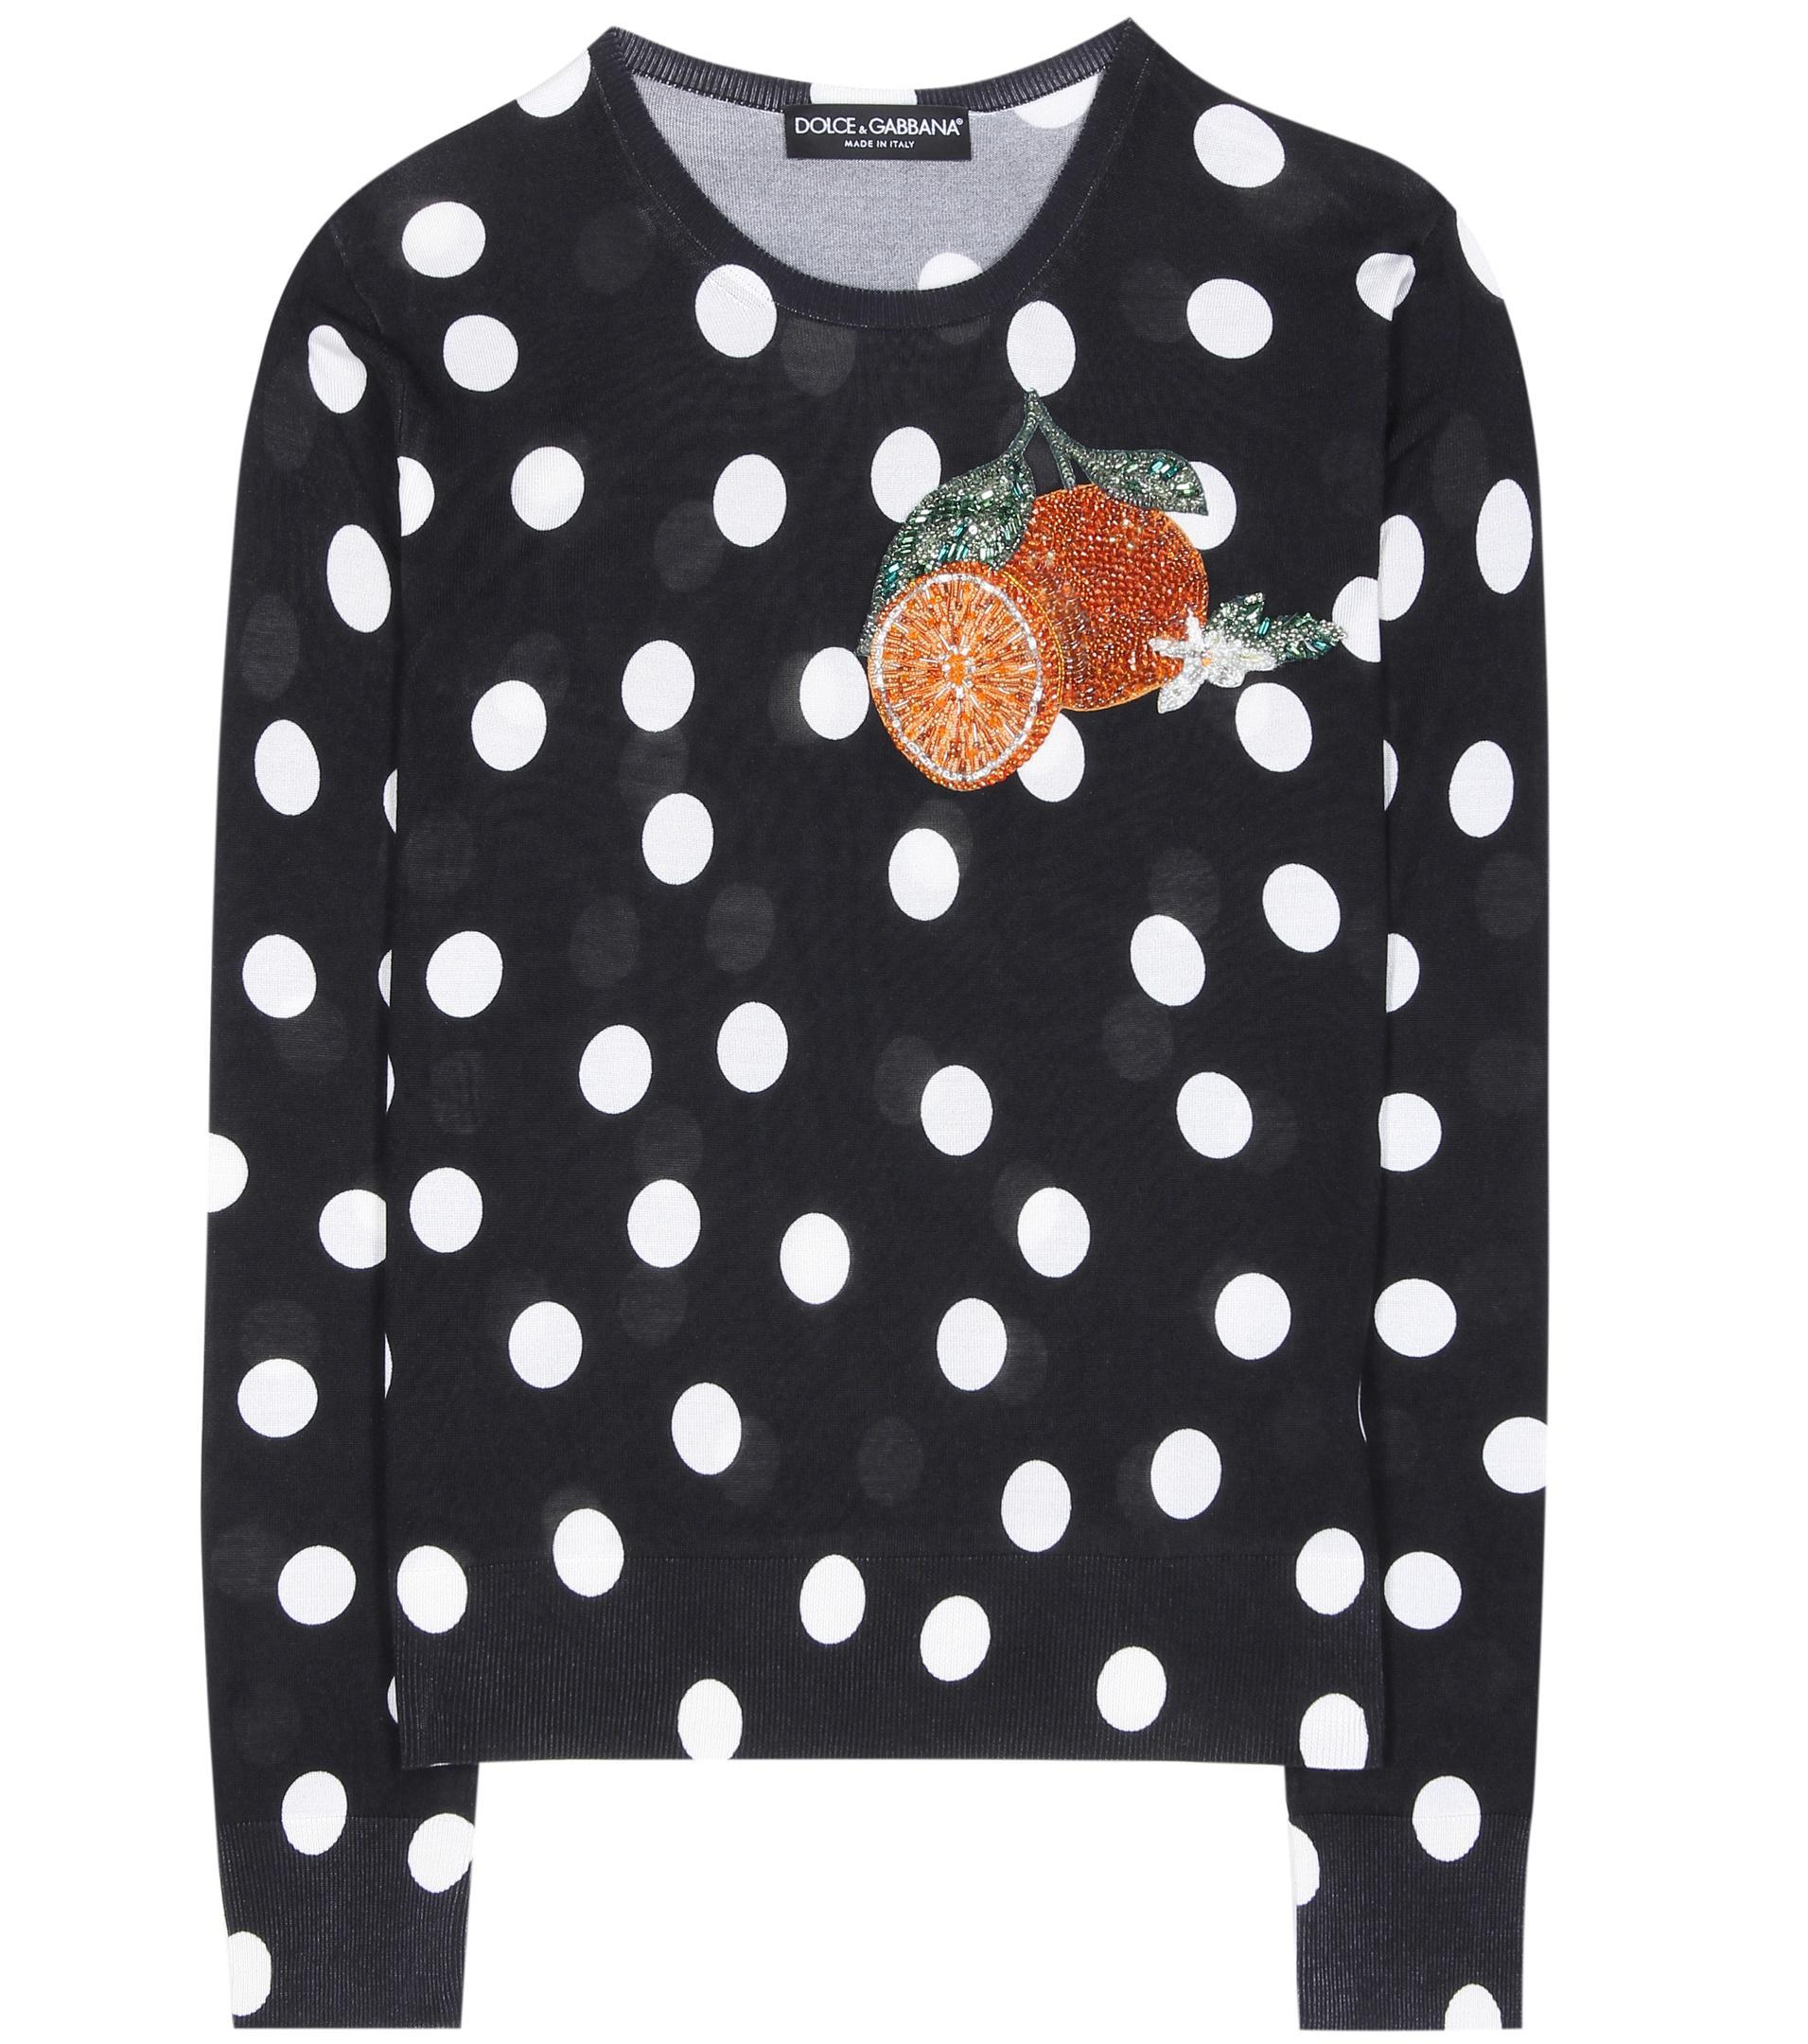 e6aee5da1478 Dolce   Gabbana Appliquéd Polka-dot Silk Sweater in Black - Lyst